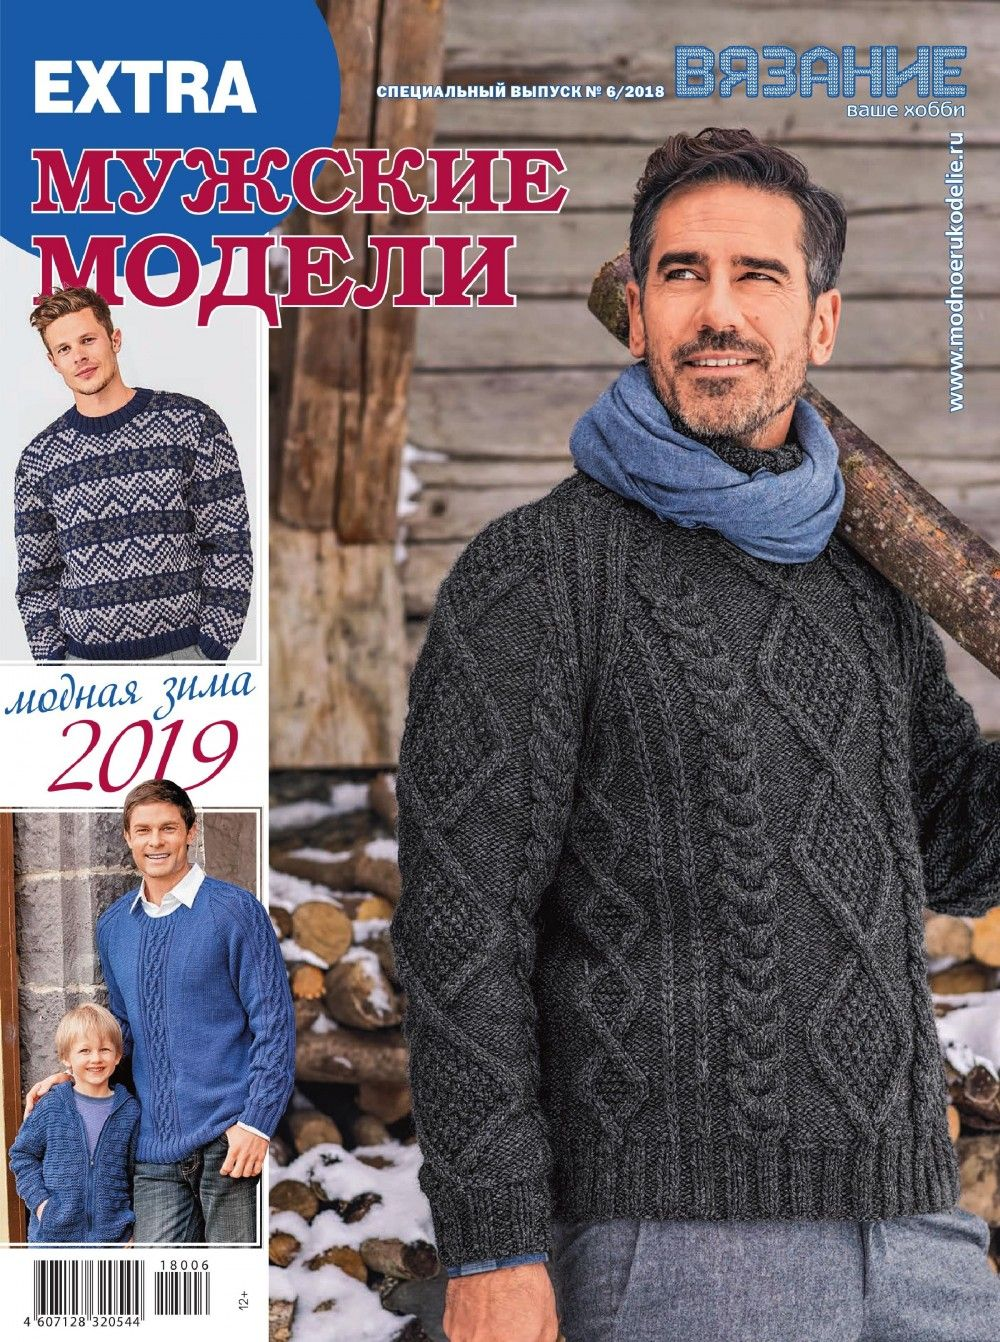 журнал вязание ваше хобби спецвыпуск Extra 6 2018г журнал